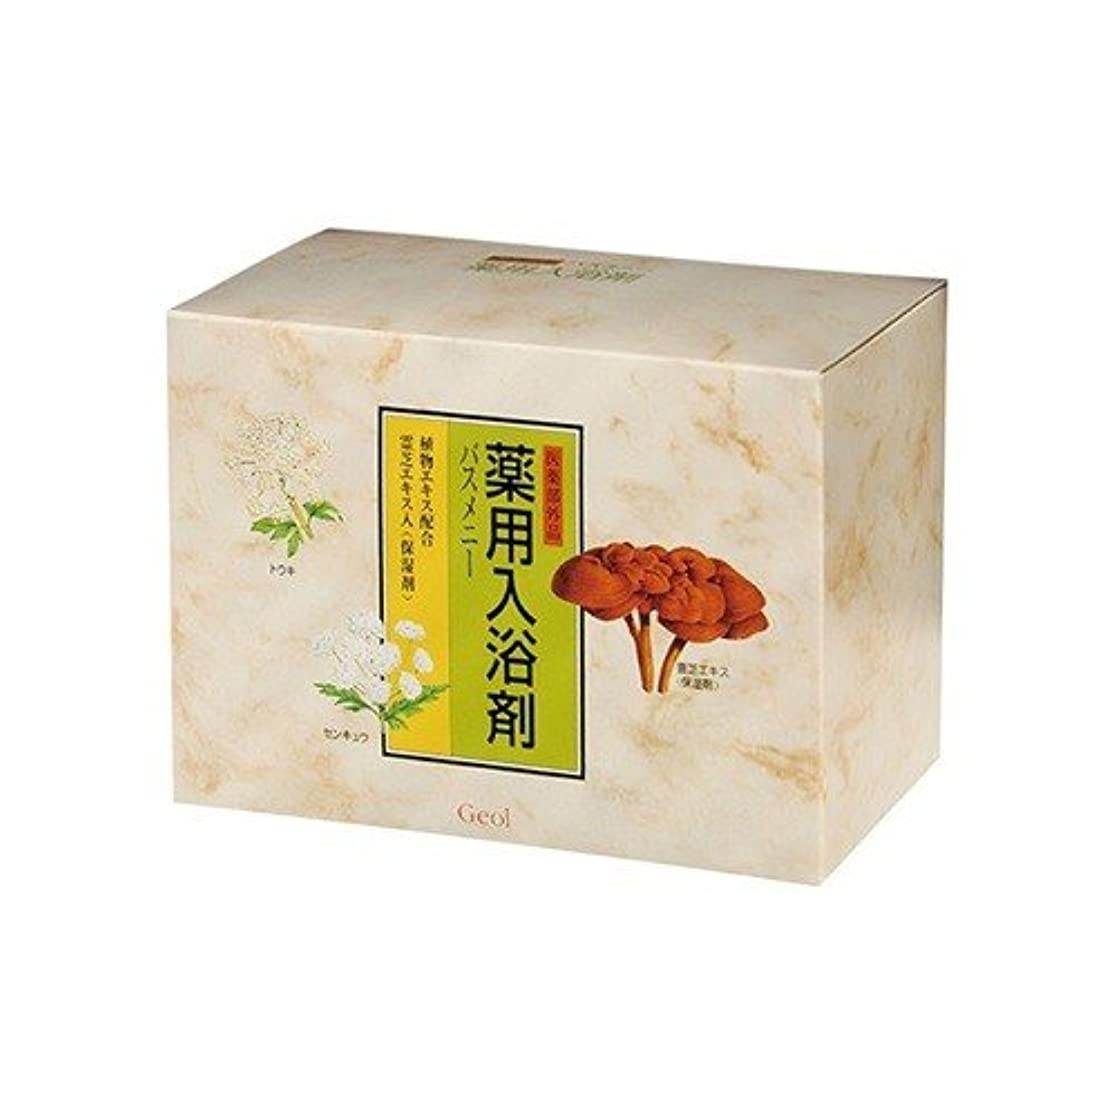 独立した貝殻崩壊ゲオール 薬用入浴剤 バスメニー 医薬部外品